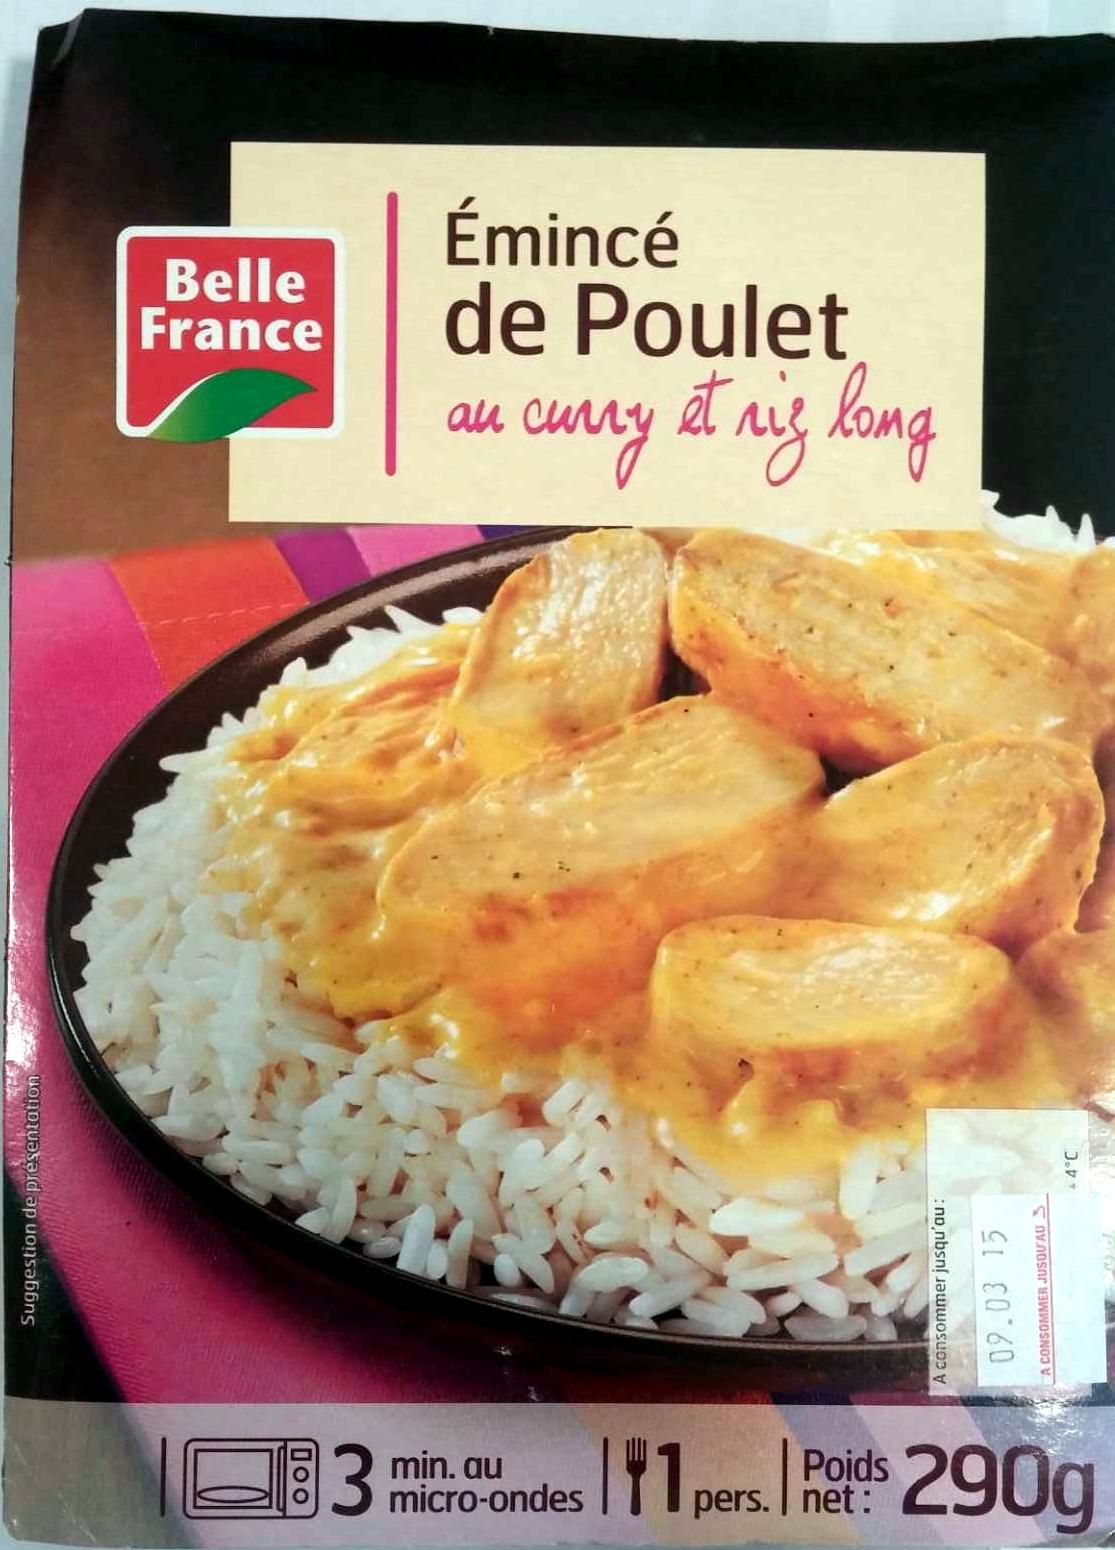 Émincé de Poulet au curry et riz long - Produit - fr